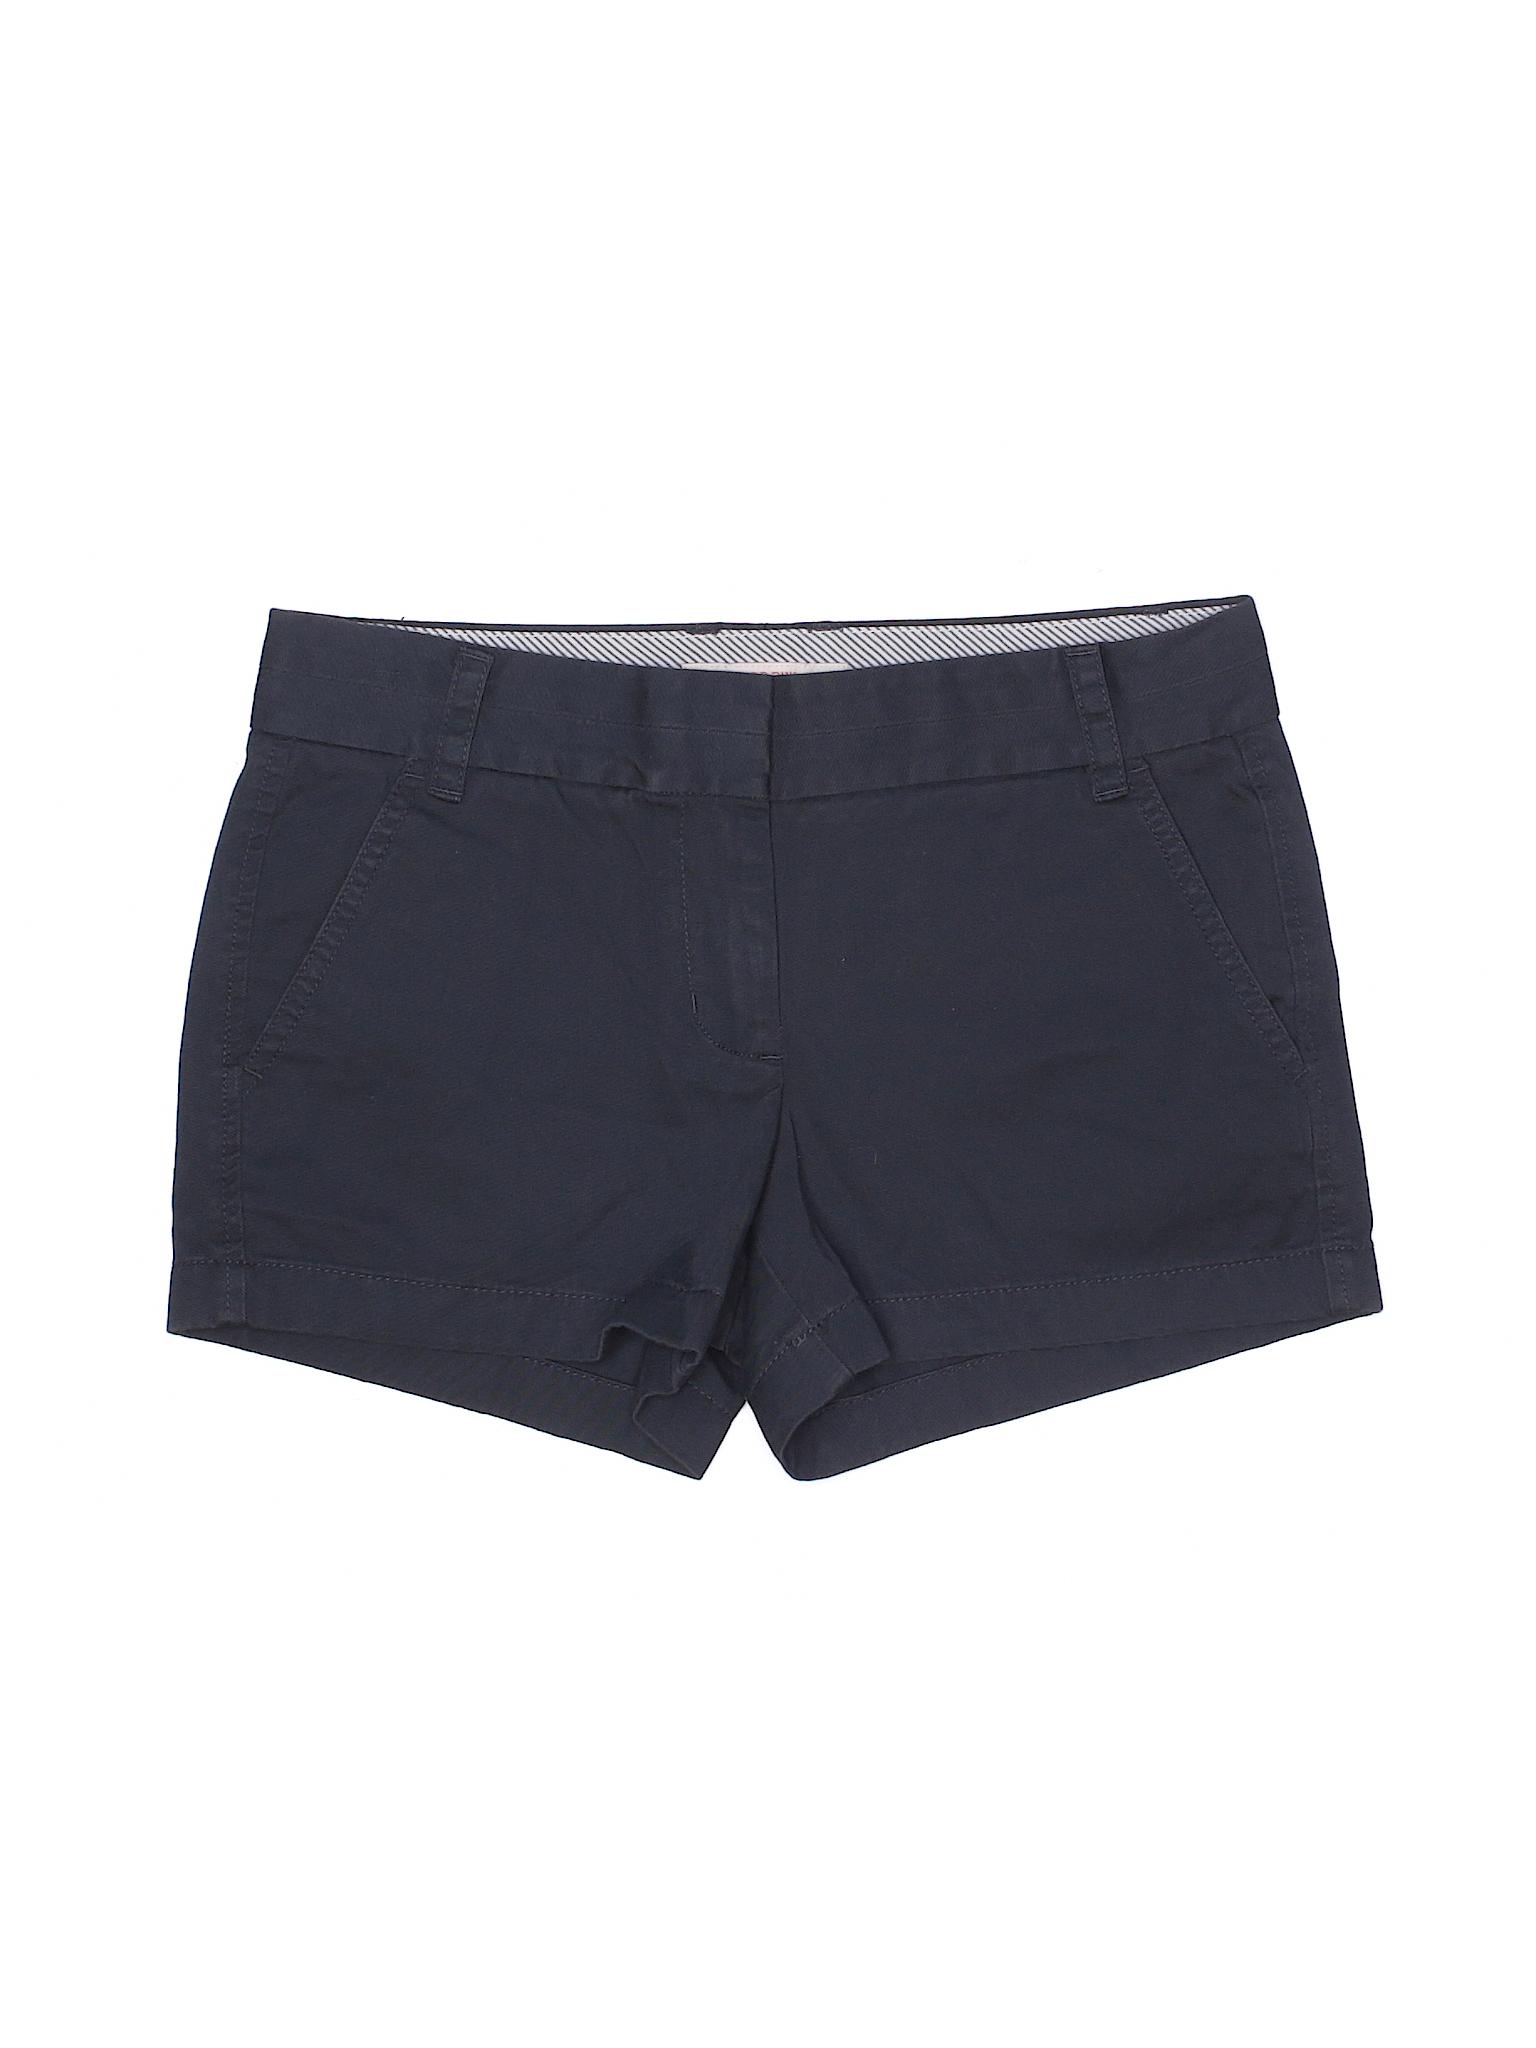 Shorts J Khaki Crew J Boutique Shorts Boutique Khaki Crew J Boutique Khaki Crew qzE644